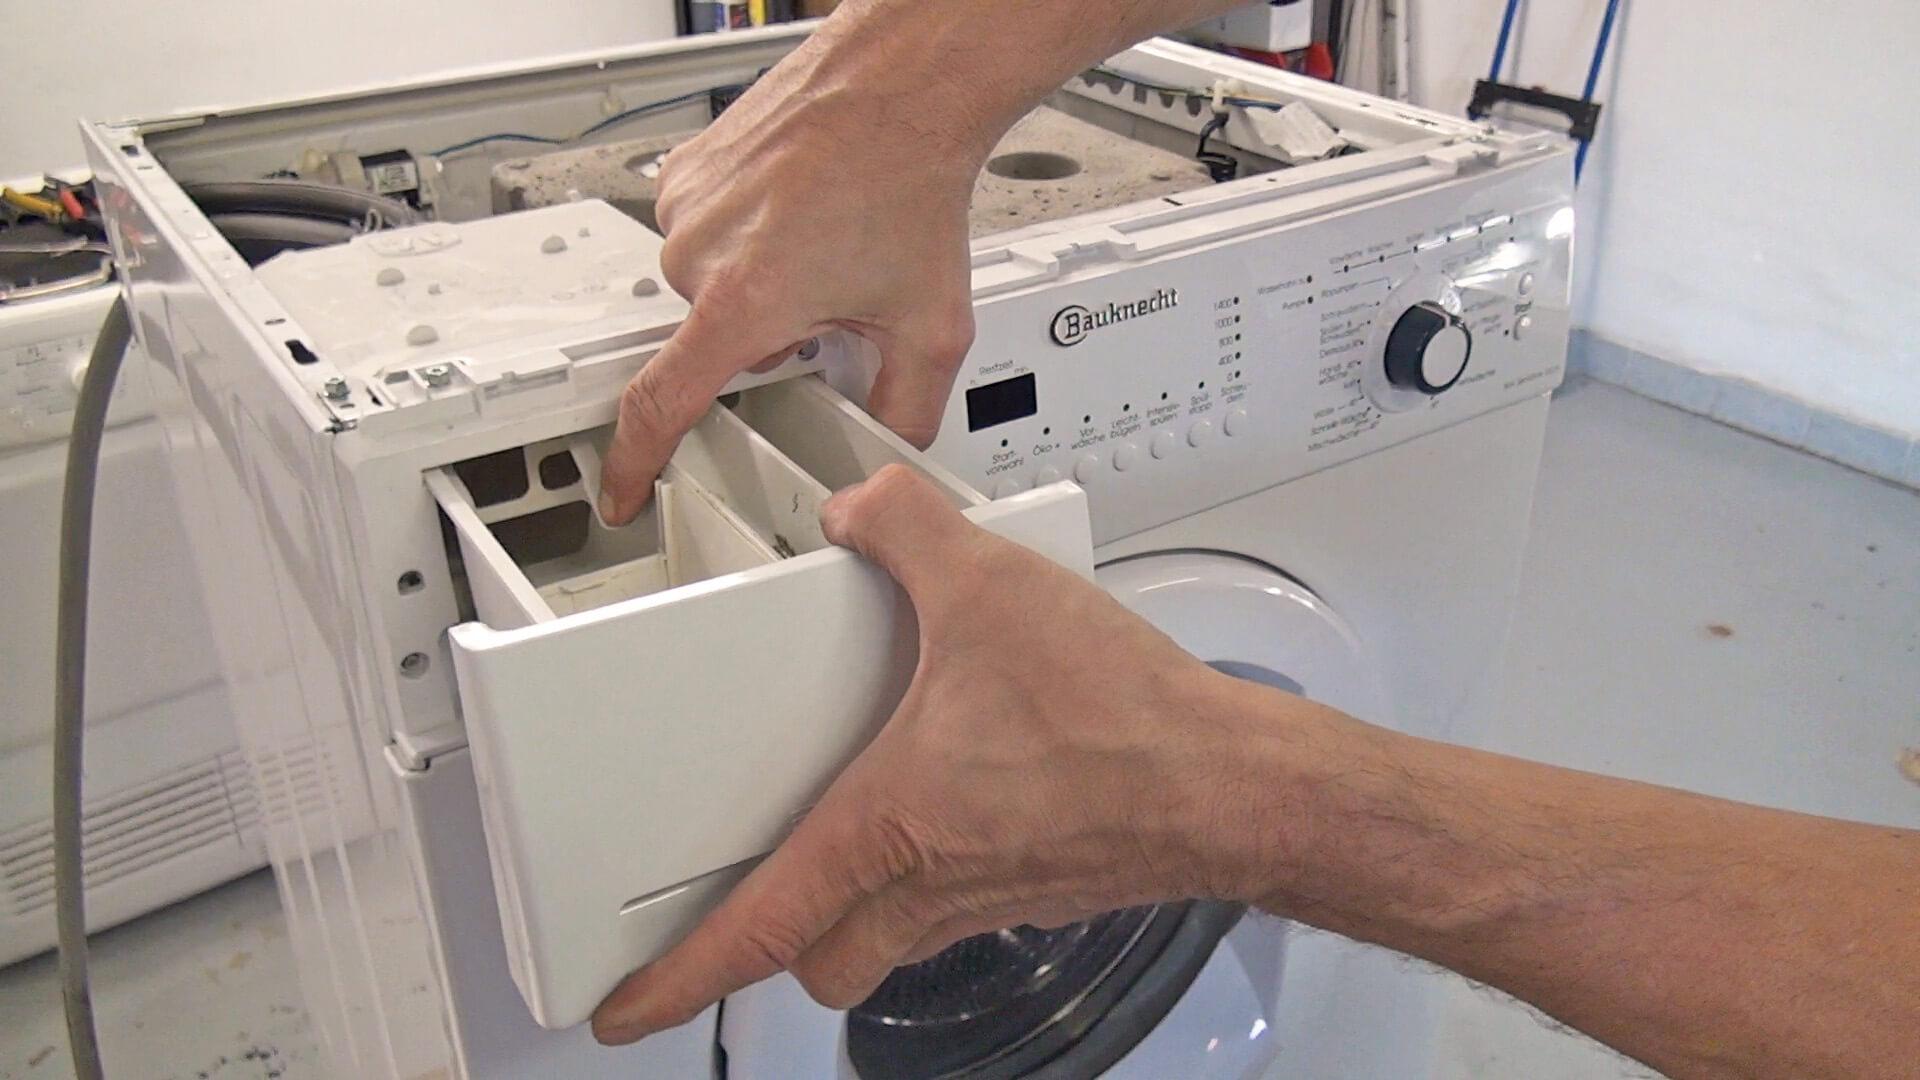 Waschmittellade entfernen